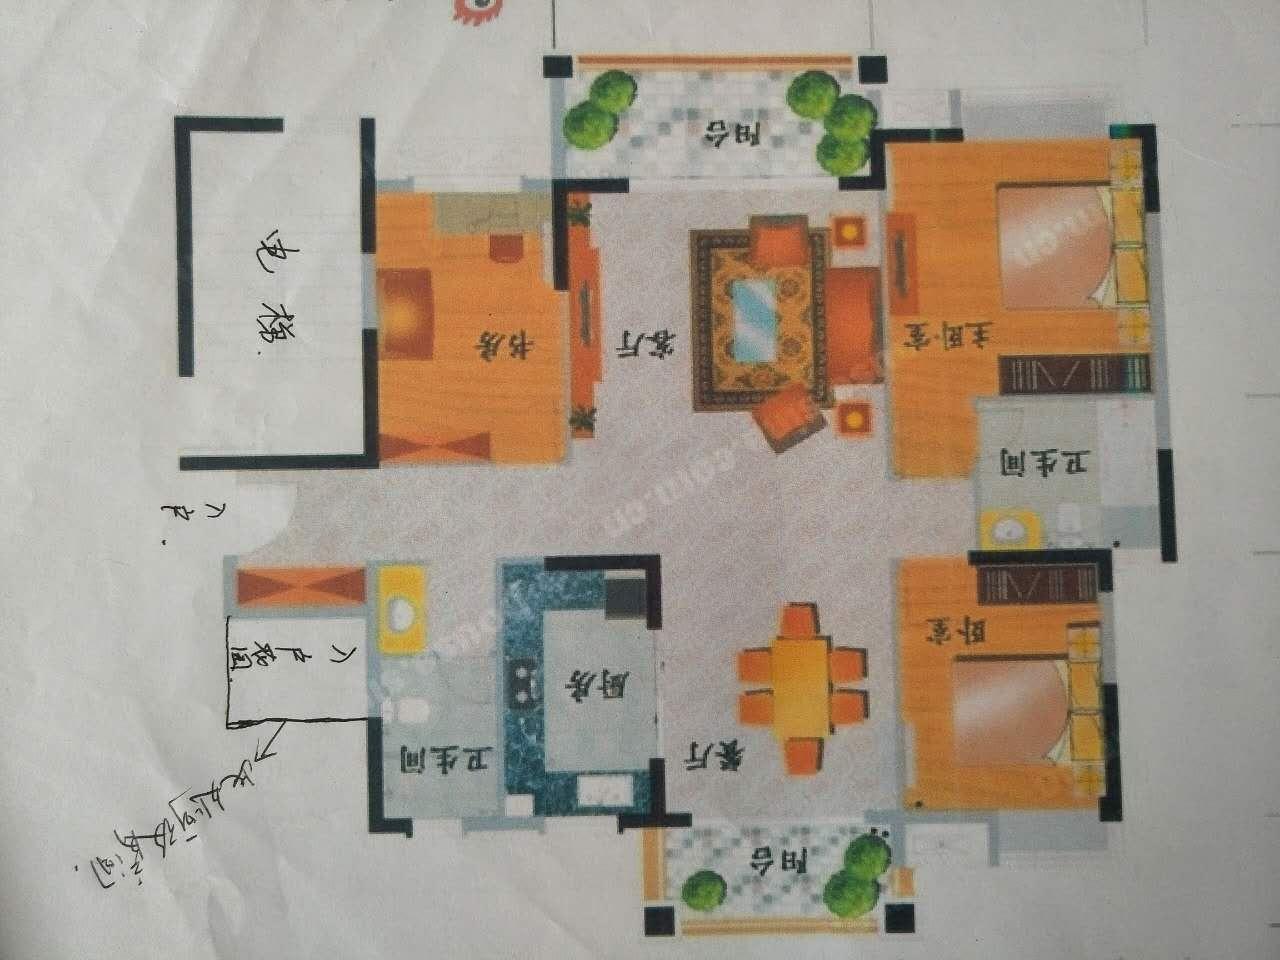 东江学府三期 花园中间 高层带装修出售